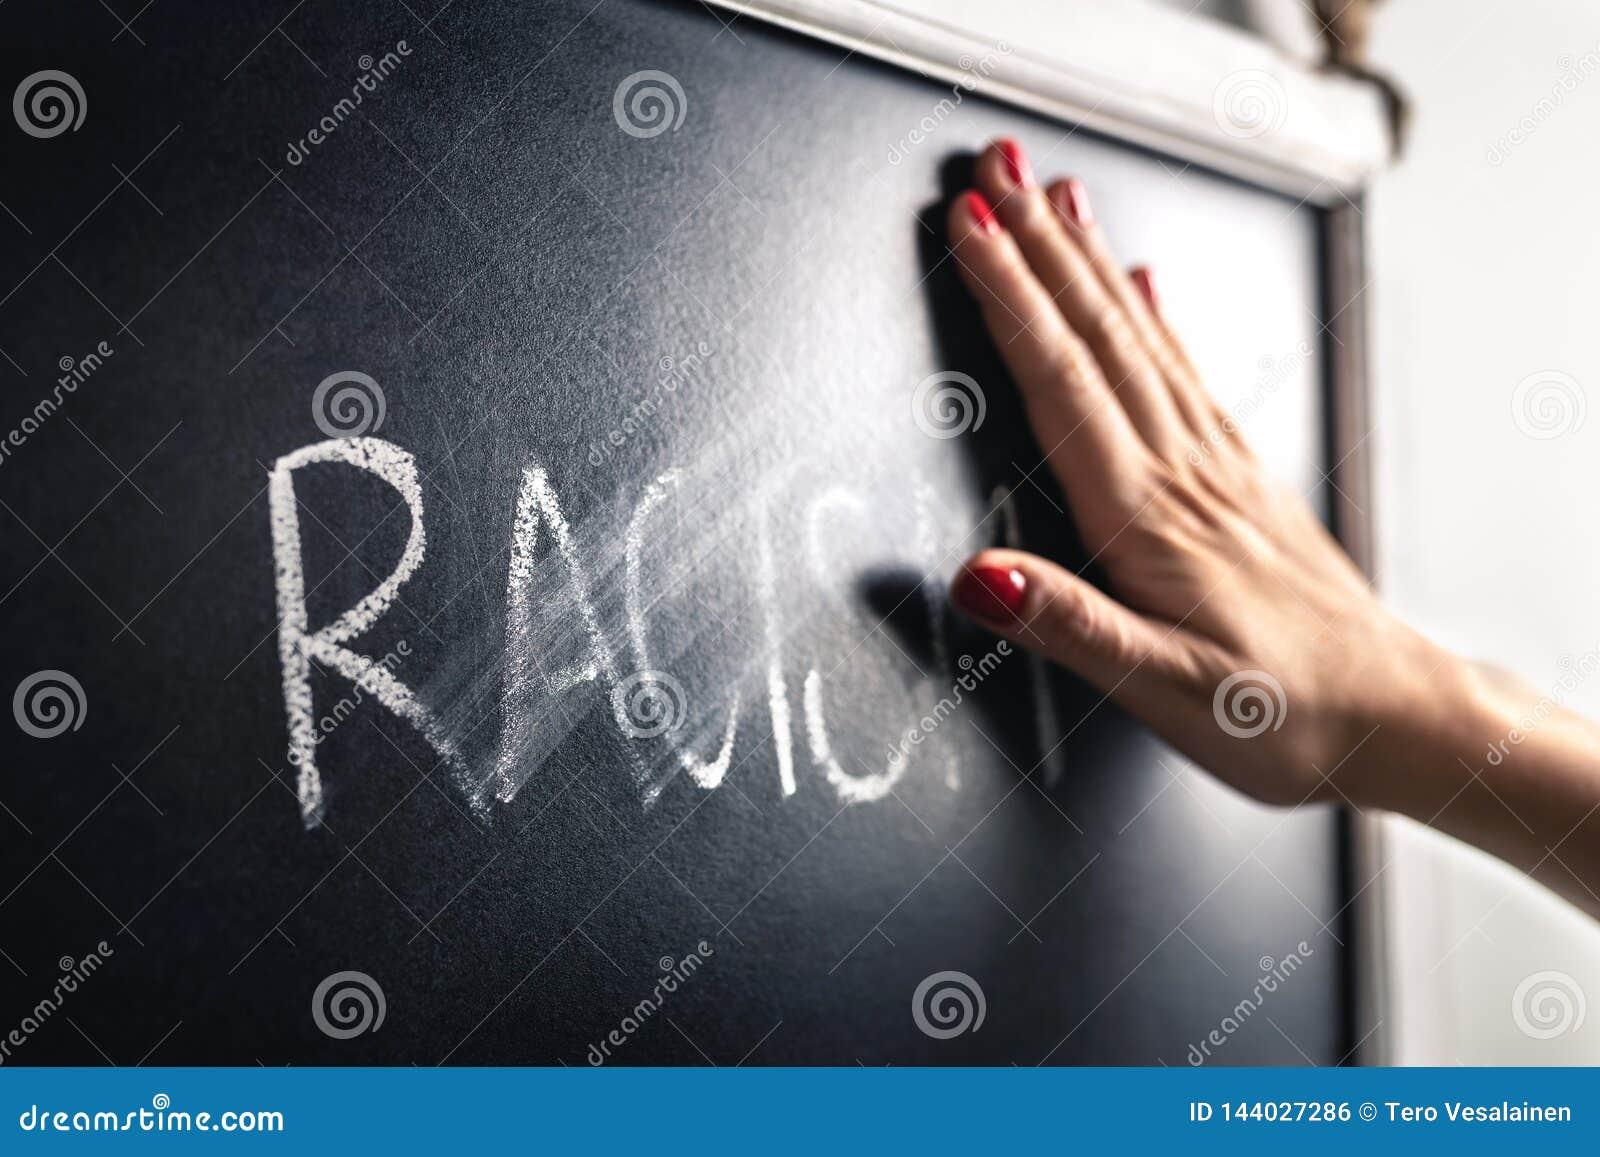 Concepto del racismo Pare el odio y la discriminación Contra perjuicio y violencia Mano que limpia apagado y que borra la palabra